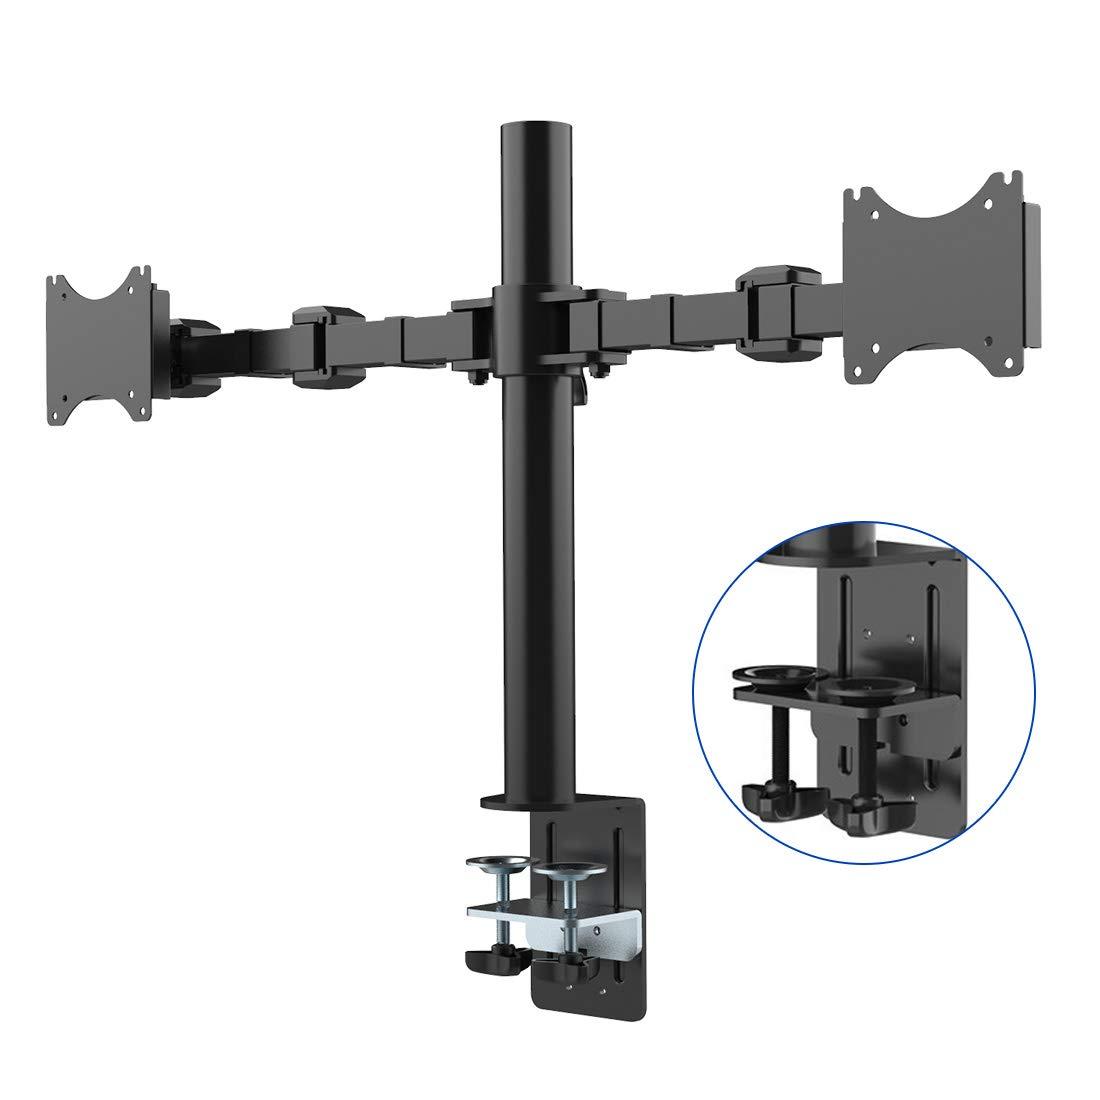 FLEXIMOUNTS D1D Supporto da scrivania per monitor con doppio braccio di pieno movimento adatto per monitor de 10-30